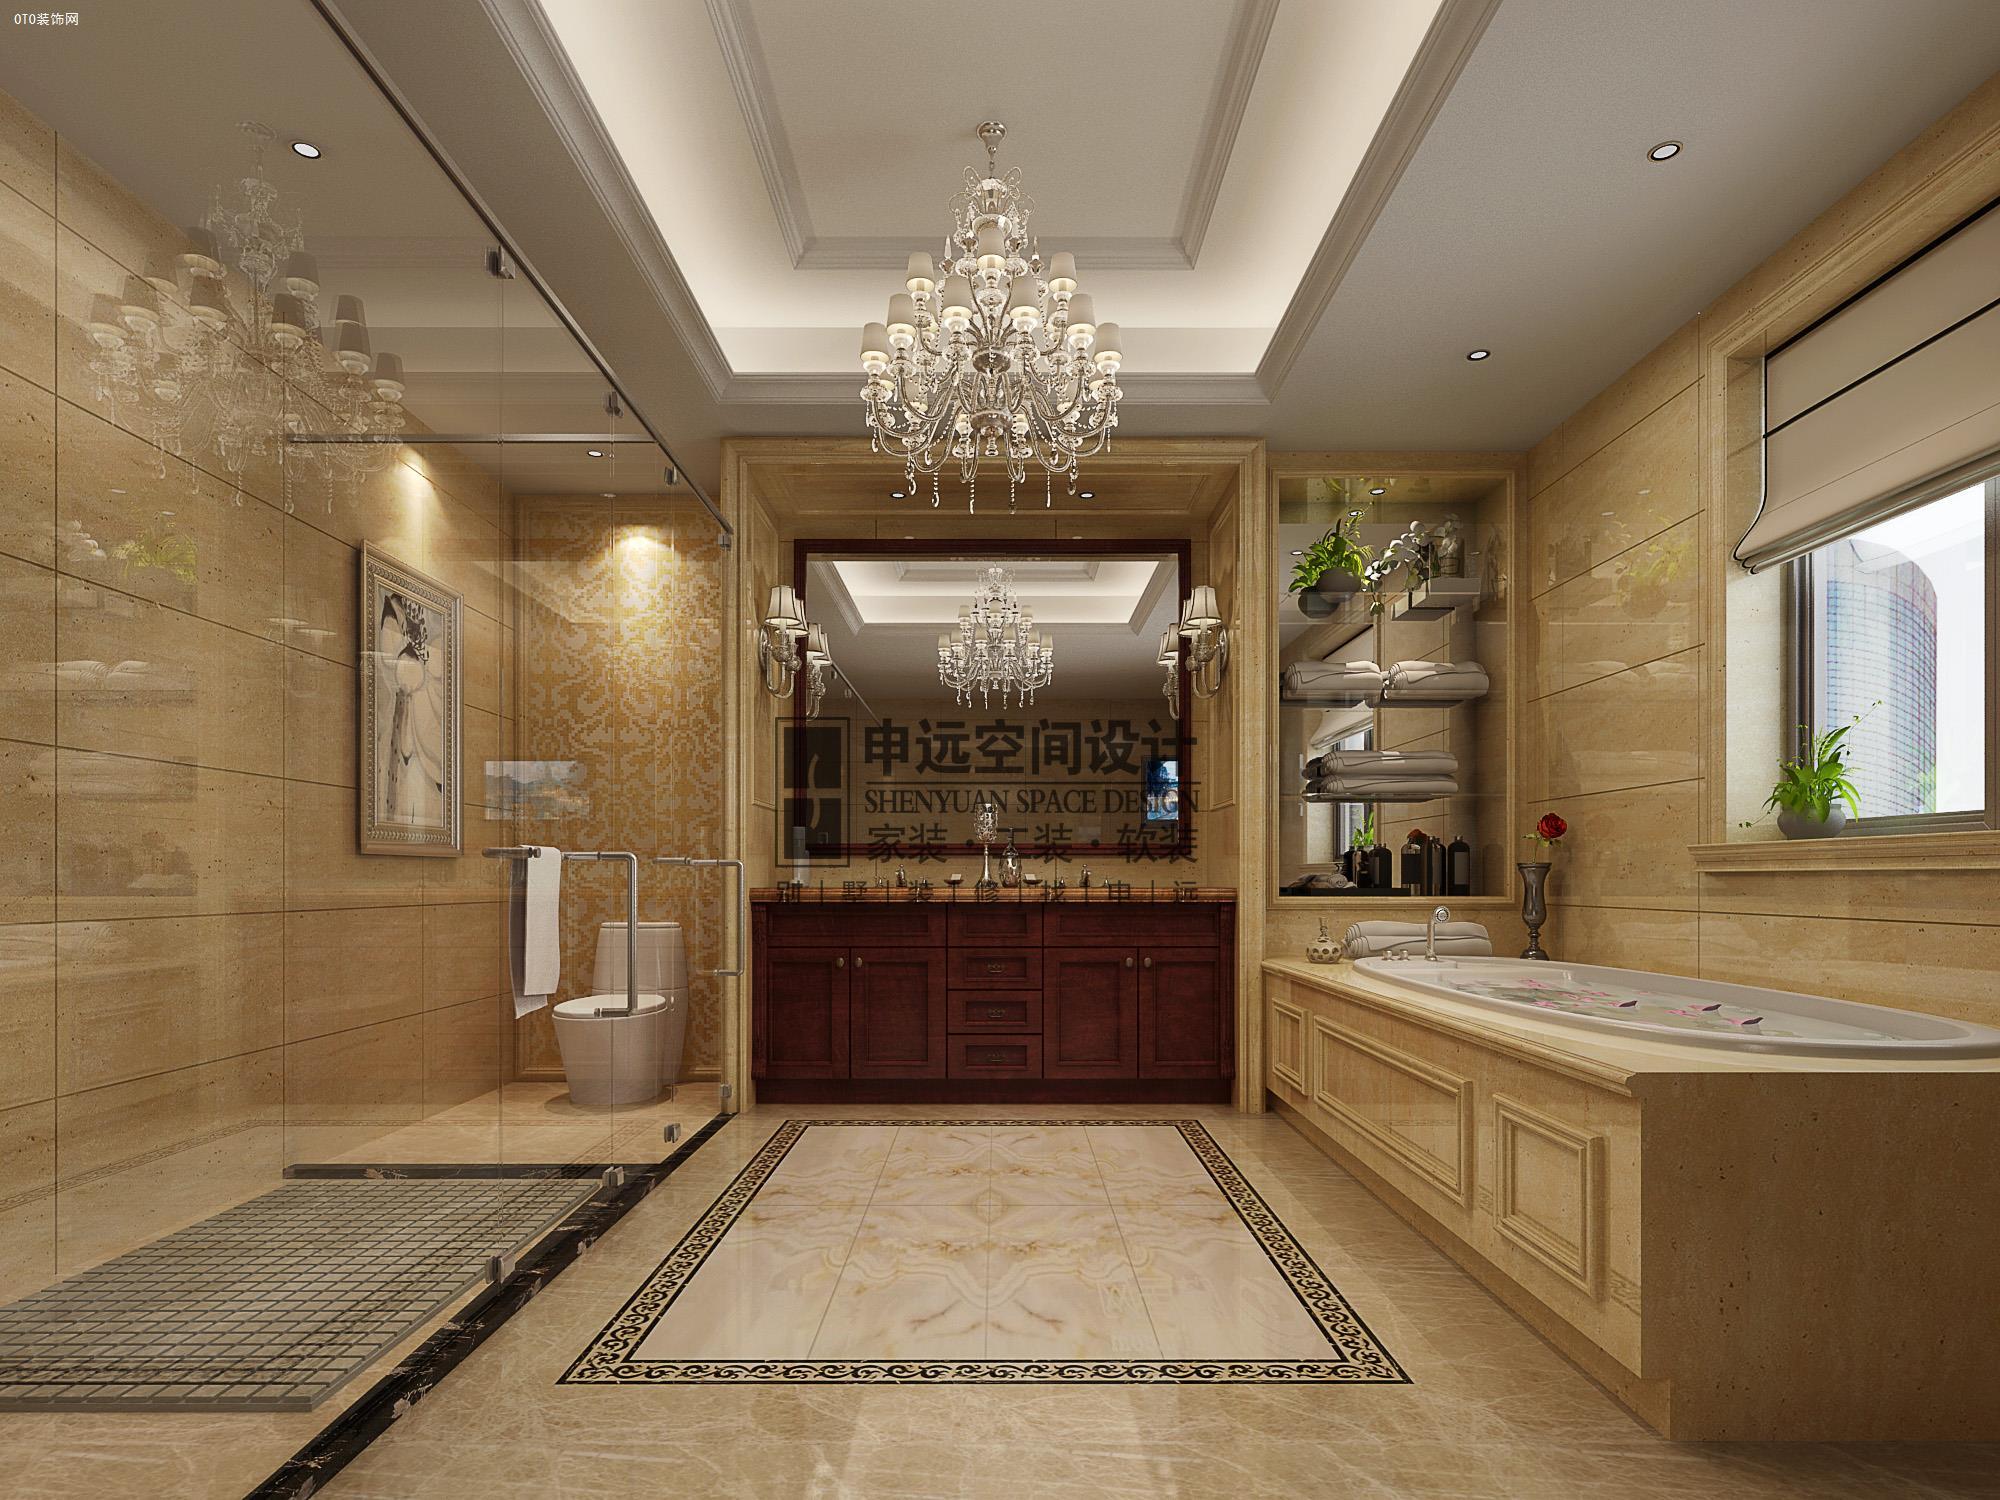 尚御府 300平米 欧式风格装修实拍图   卫生间:奢华的吊灯,米黄色的大